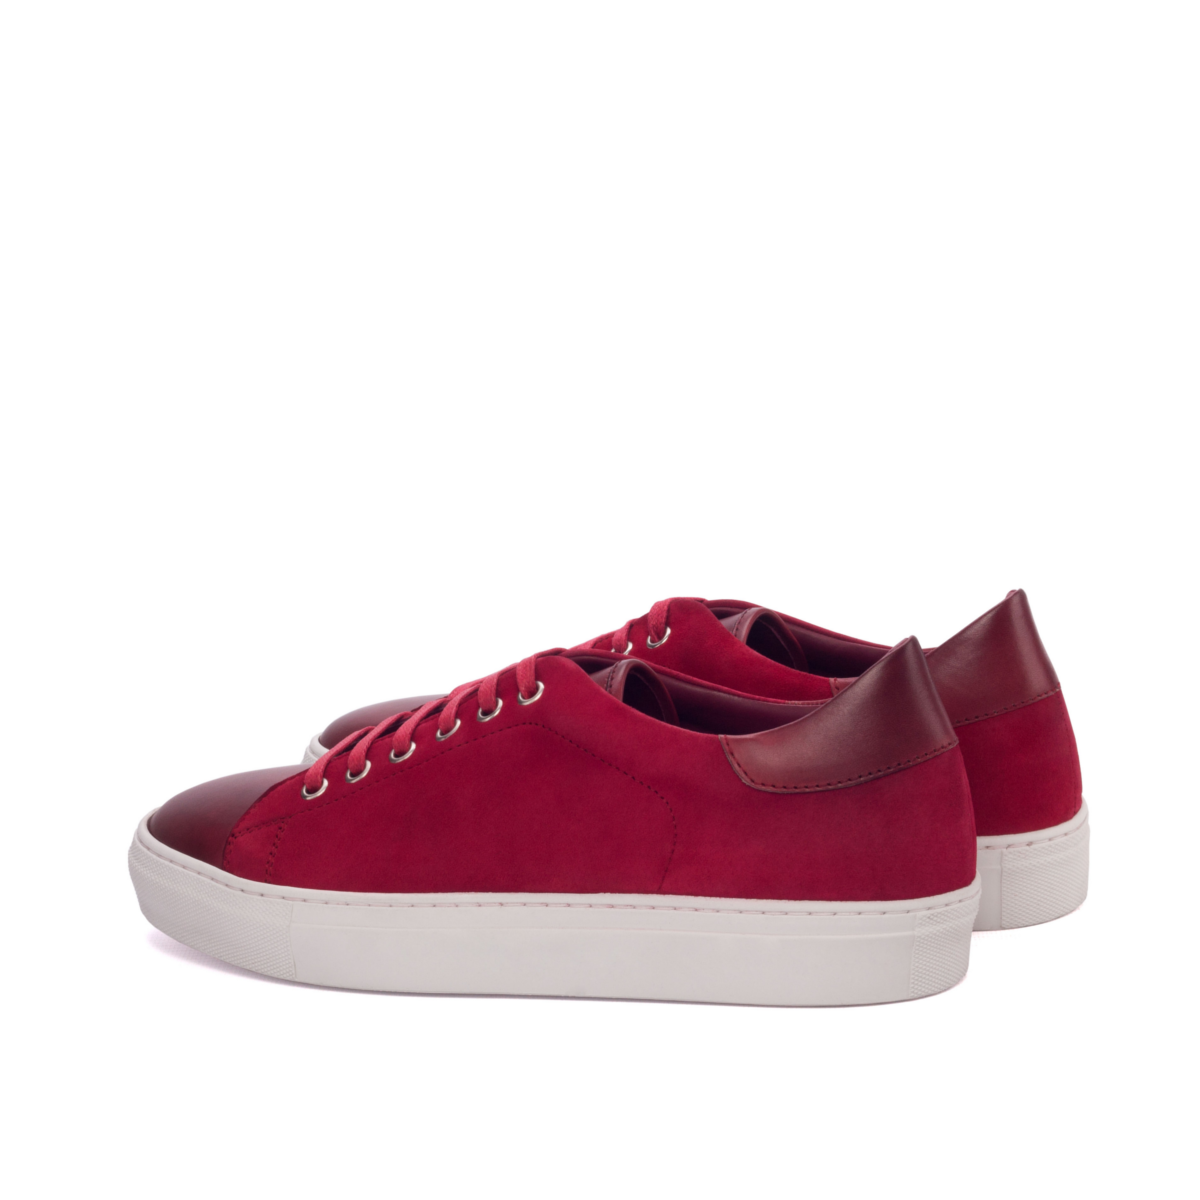 Zapatilla urbana LEO trainer en ante rojo